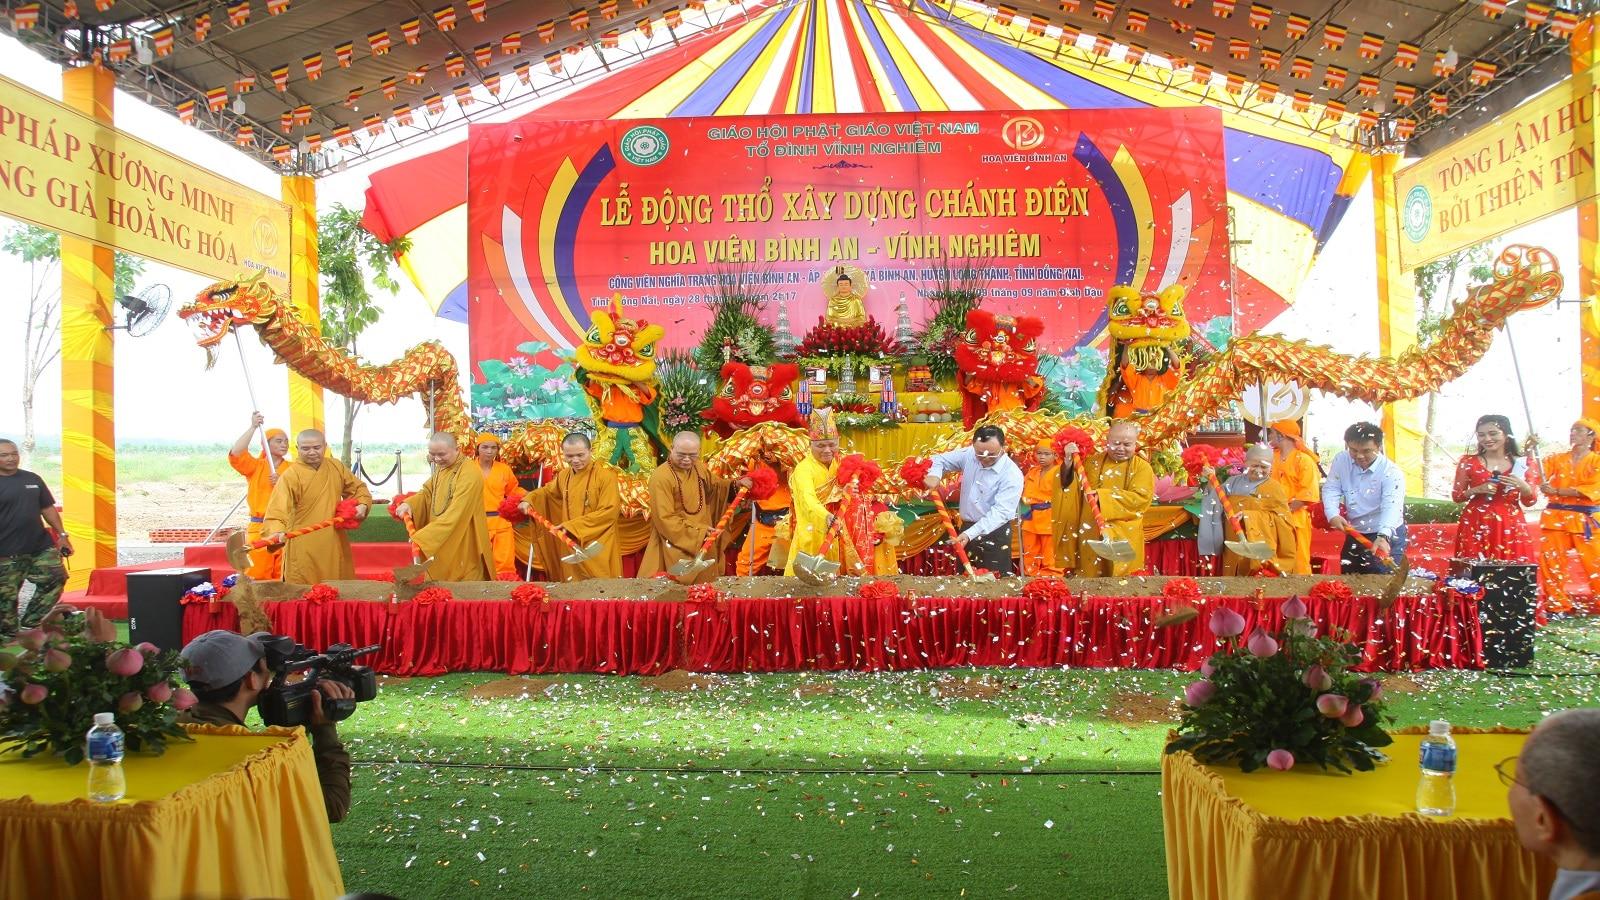 Lễ động thổ xây dựng chánh điện Thiền viện Trúc Lâm Vĩnh Nghiêm